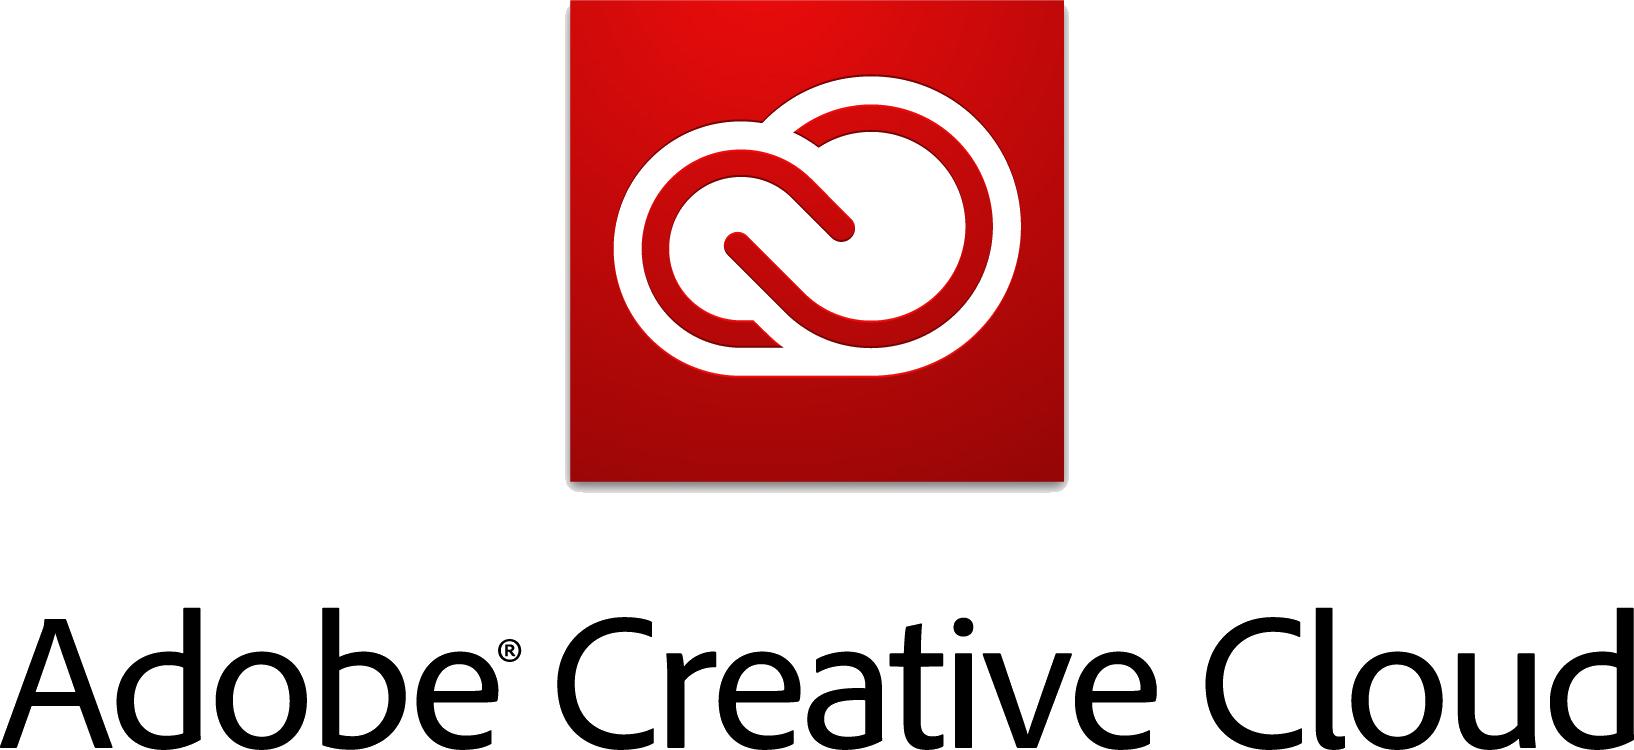 داونلود آخرین ورژن ادوبی ایلاستریتور Adobe Illustrator CC v17